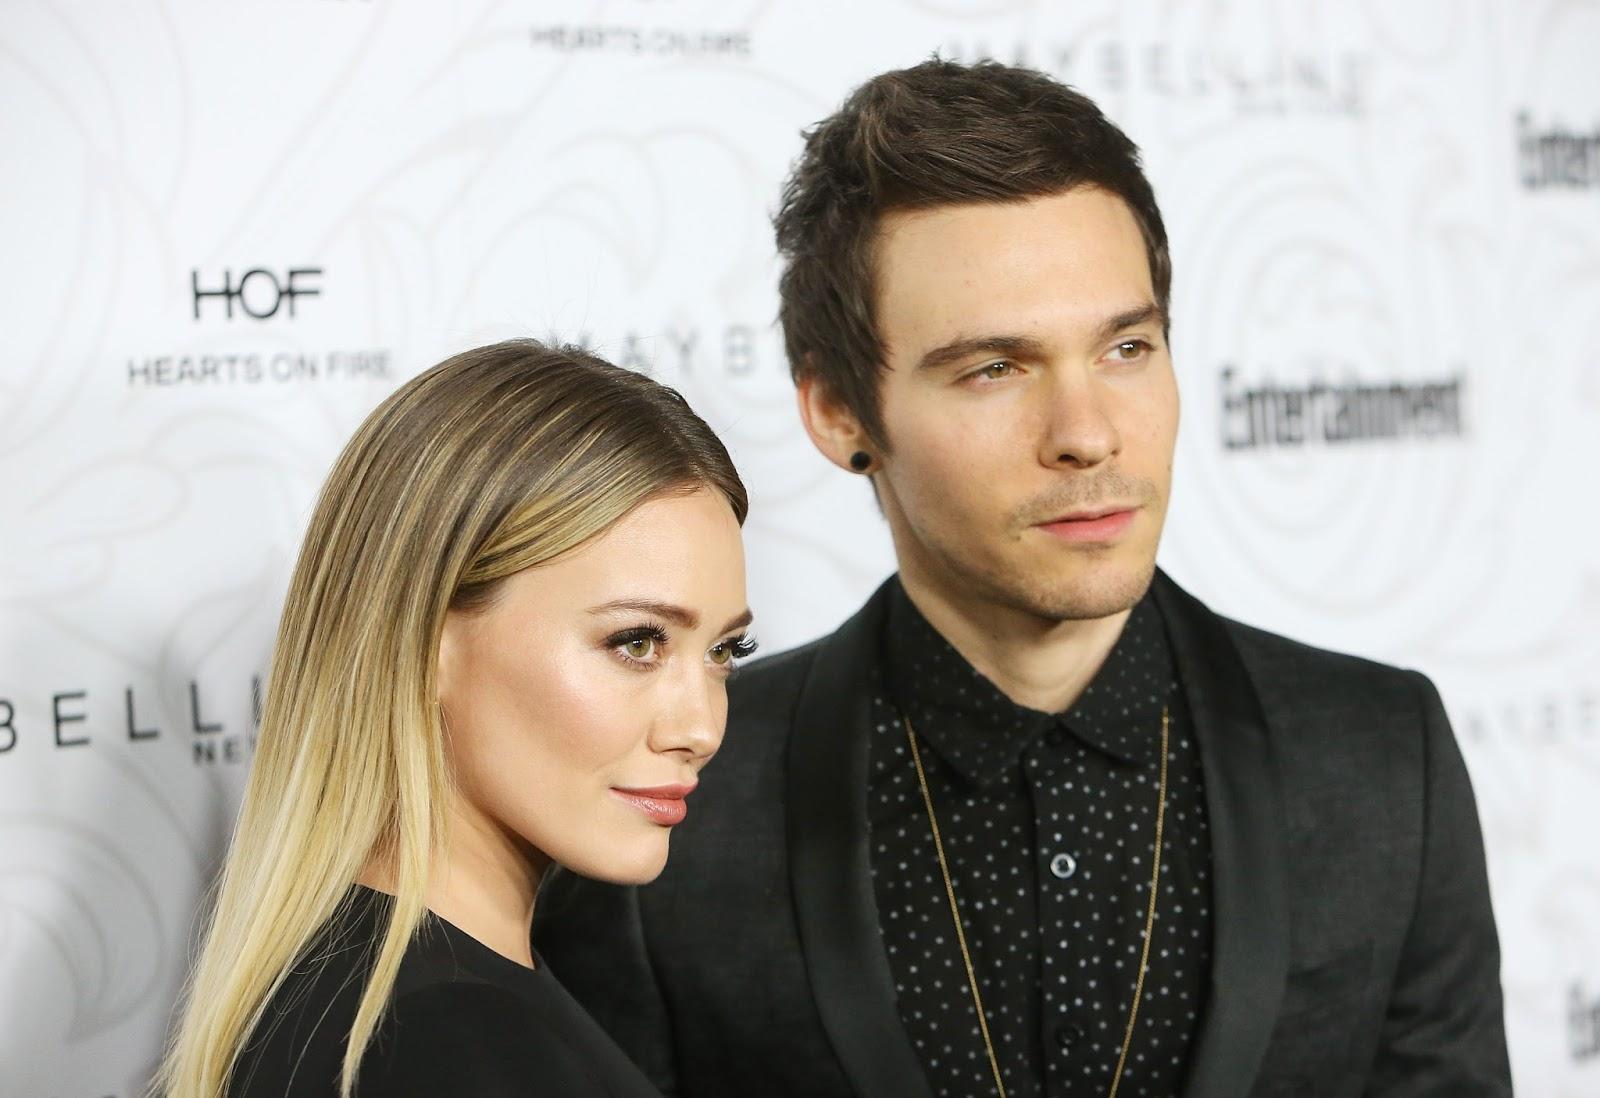 Hilary Duff termina su relación con su novio Matthew Koma